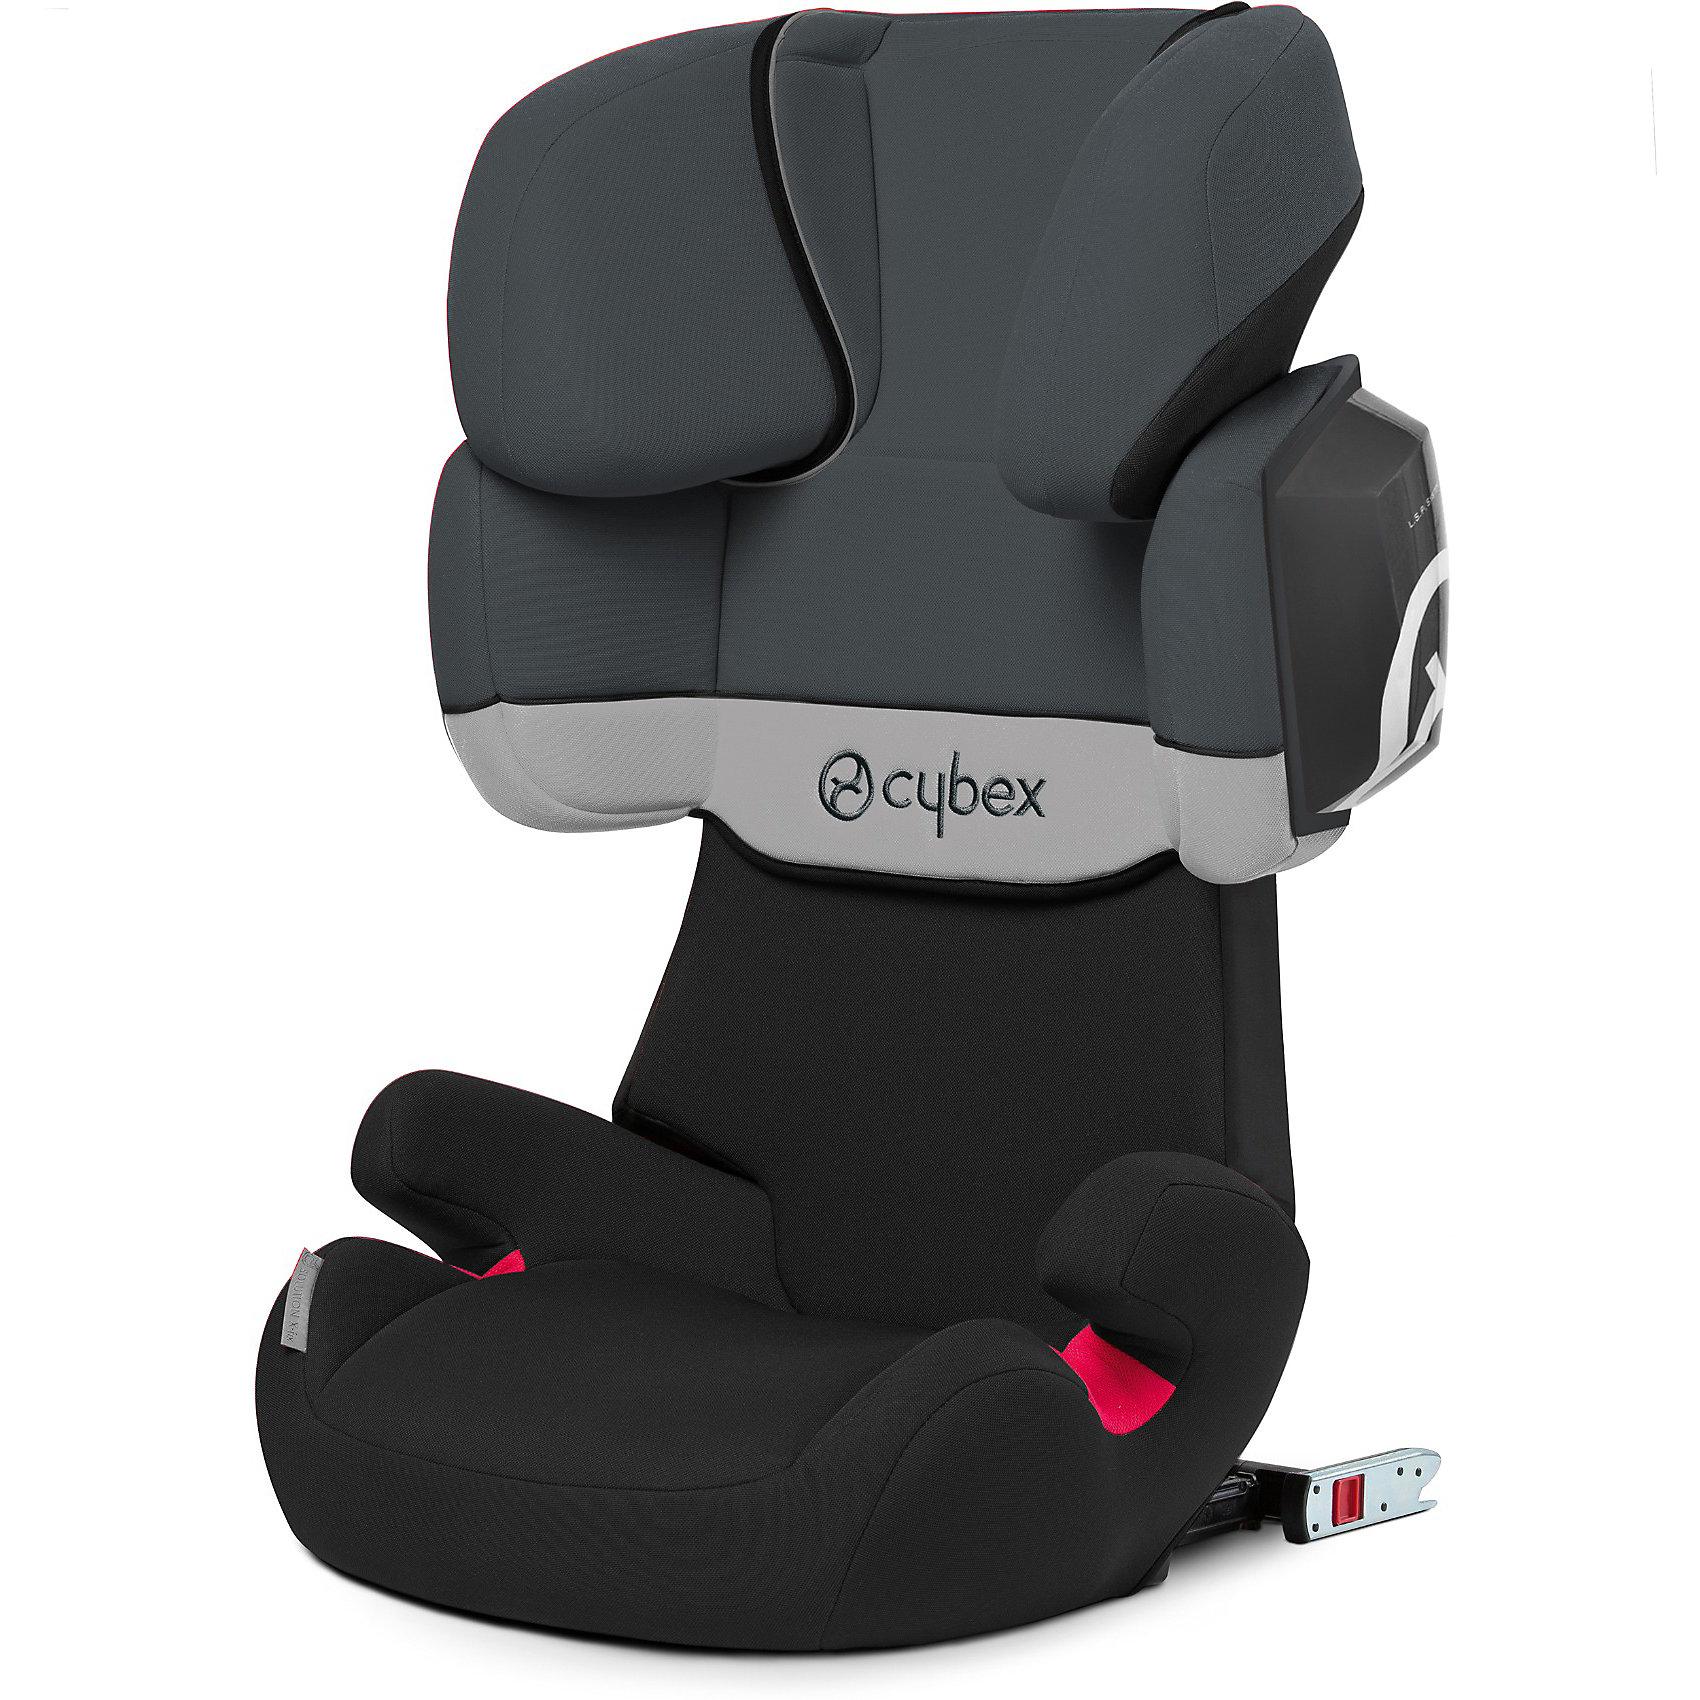 Автокресло Cybex Solution X2-Fix, 15-36 кг, Gray RabbitАвтокресла с креплением Isofix<br>Удобное надежное автокресло позволит перевозить ребенка, не беспокоясь при этом о его безопасности. Оно предназначено для предназначено для детей весом до 36 килограмм, можно использовать уже для 9-месячных малышей. Такое кресло обеспечит малышу не только безопасность, но и комфорт (регулируемая высота подголовника). Кресло легко трансформируется по мере вырастания ребенка.<br>Автокресло устанавливают по ходу движения. Такое кресло дает возможность свободно путешествовать, ездить в гости и при этом  быть рядом с малышом. Конструкция - очень удобная и прочная. Изделие произведено из качественных и безопасных для малышей материалов, оно соответствуют всем современным требованиям безопасности. Оно отлично показало себя на краш-тестах.<br> <br>Дополнительная информация:<br><br>цвет: серый;<br>материал: текстиль, пластик;<br>вес ребенка: до 36 кг (3 года - 12 лет);<br>регулируемый по высоте подголовник;<br>съемный чехол;<br>по мере взросления ребенка трансформируется; <br>регулируемый угол наклона;<br>можно использовать со штатными ремнями или с дополнительной базой;<br>крепление по ходу движения;<br>система защиты от боковых ударов;<br>соответствие Европейскому стандарту безопасности ЕСЕ R44/04.<br><br>АвтокреслоJuno Solution X2-Fix, Gray Rabbit, от компании Cybex можно купить в нашем магазине.<br><br>Ширина мм: 770<br>Глубина мм: 480<br>Высота мм: 295<br>Вес г: 8200<br>Цвет: серый<br>Возраст от месяцев: 9<br>Возраст до месяцев: 144<br>Пол: Унисекс<br>Возраст: Детский<br>SKU: 3722567